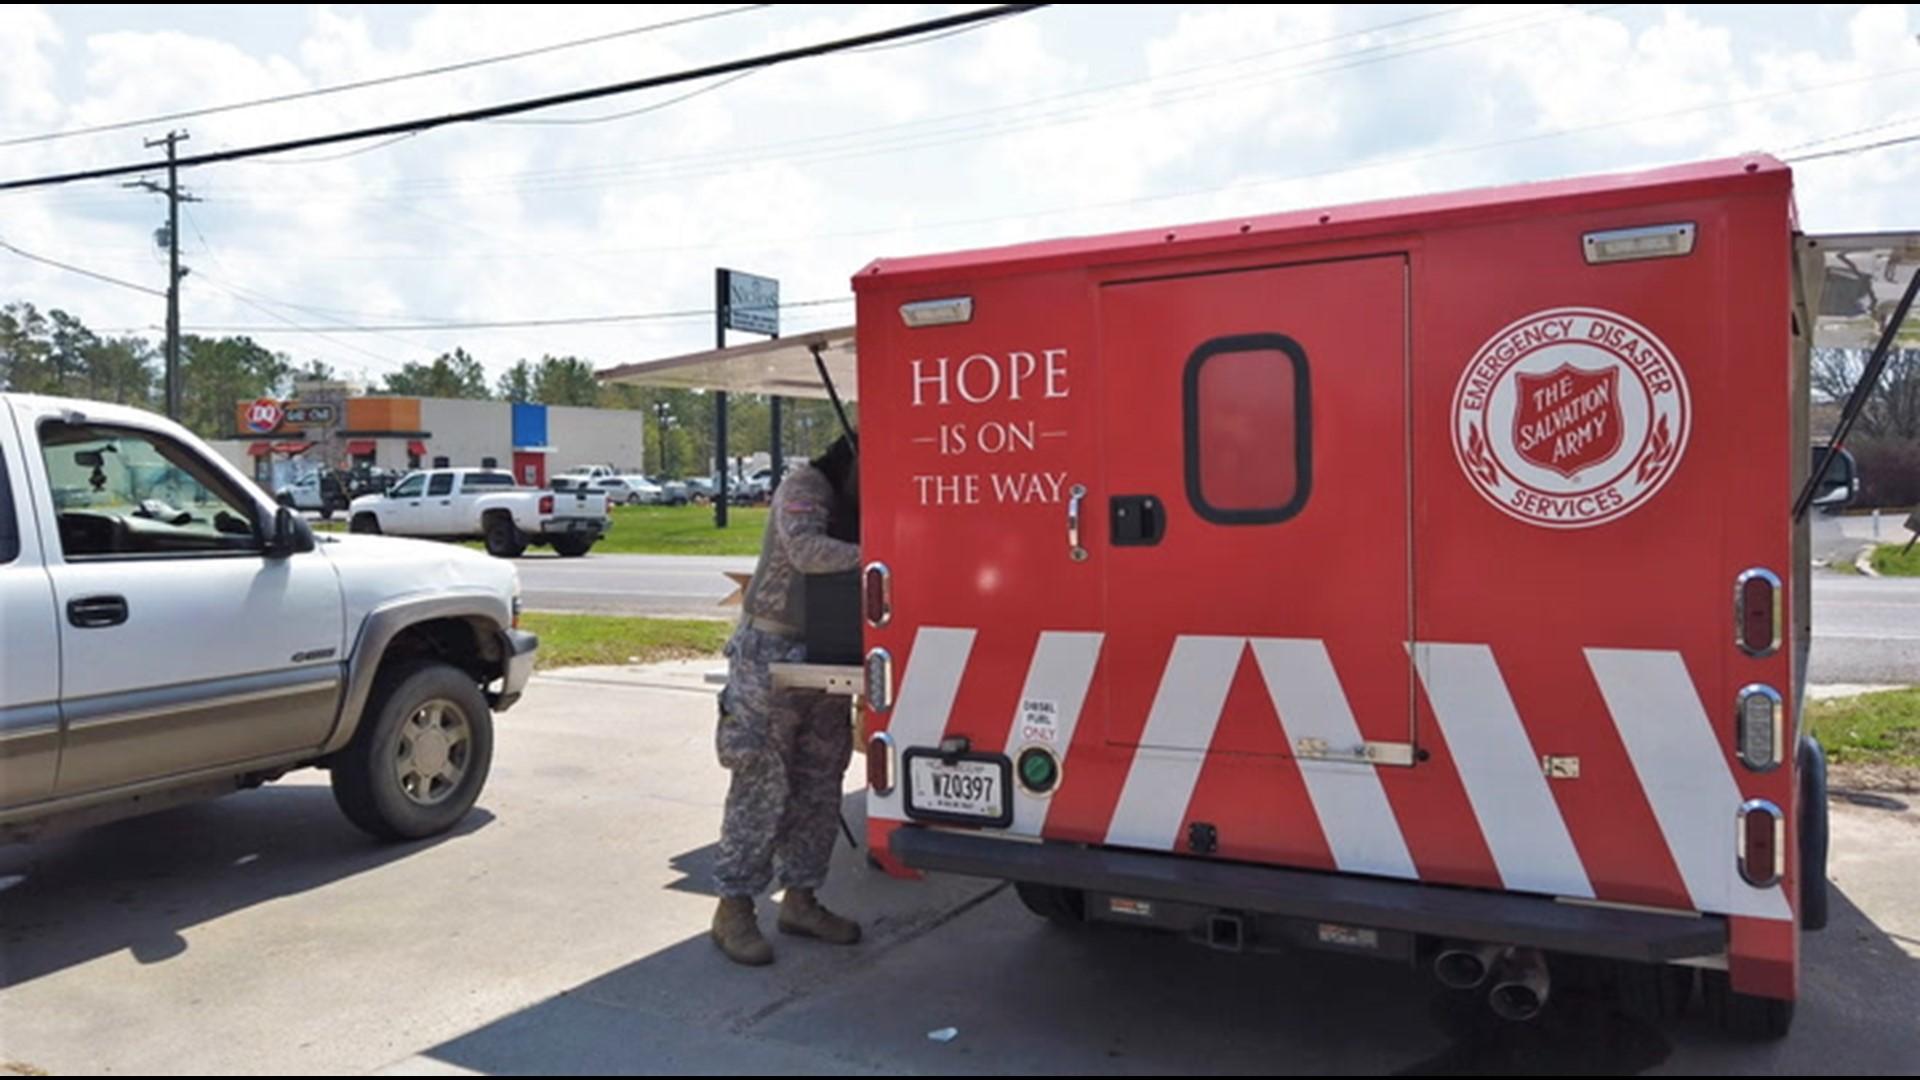 salvation army food bank spokane washington